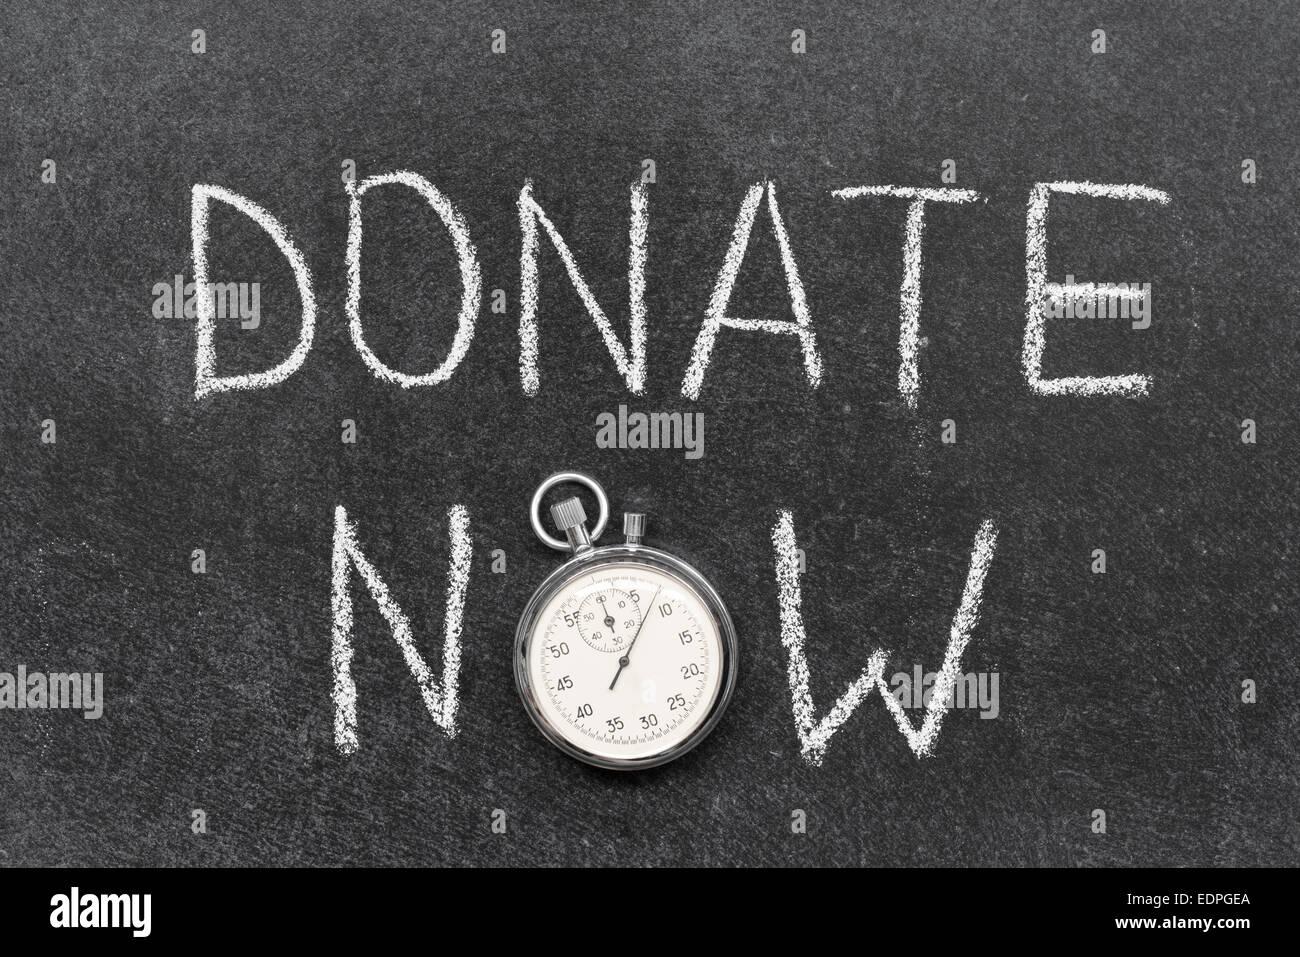 Spenden Sie jetzt Konzept handschriftlich auf Tafel mit Vintage präzise Stoppuhr verwendet anstelle von O Stockbild